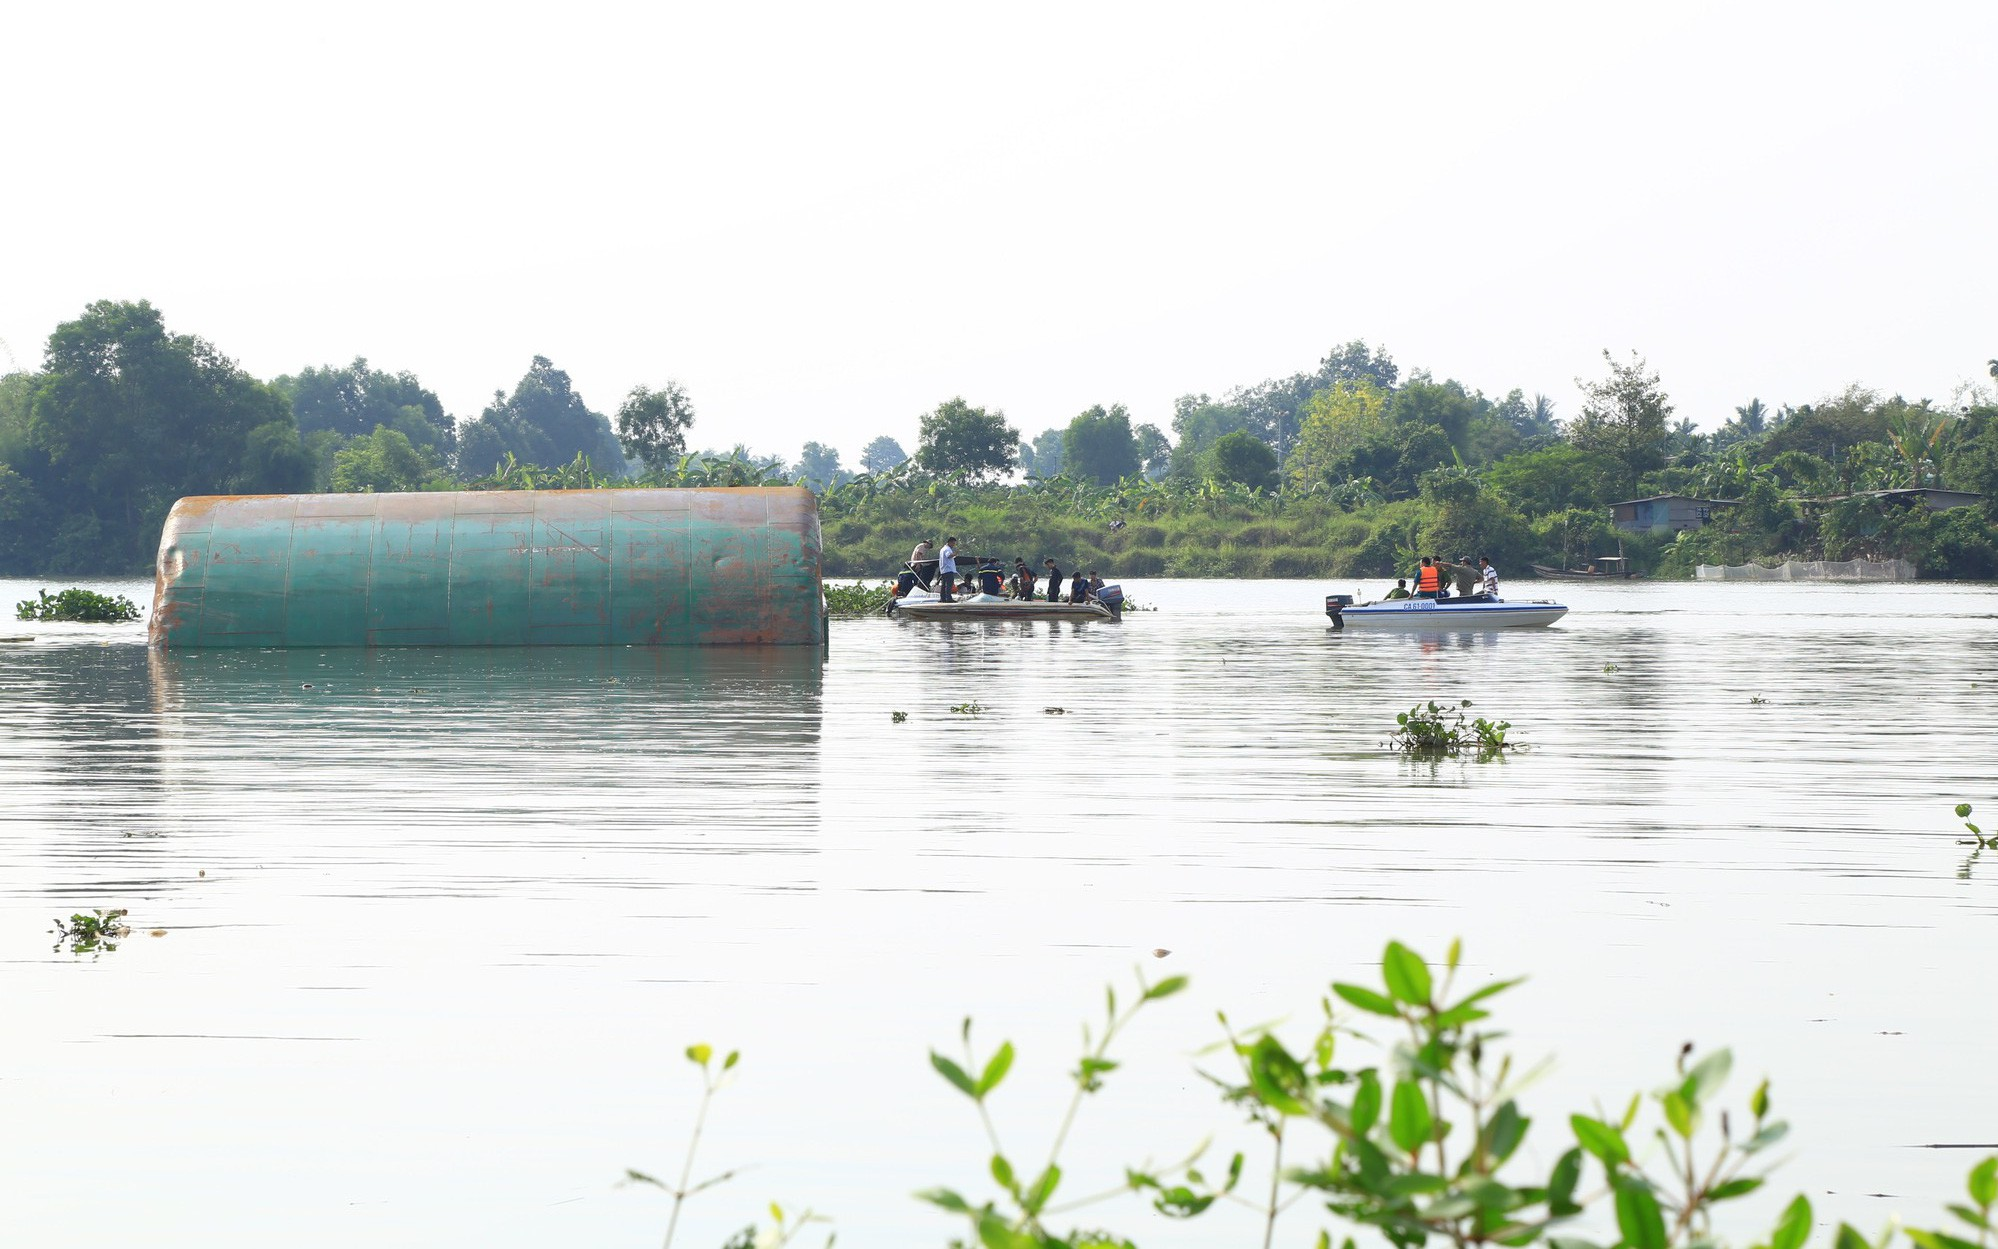 Hiện trường vụ sà lan nghìn tấn chìm trên sông khiến 3 người trong một gia đình mất tích